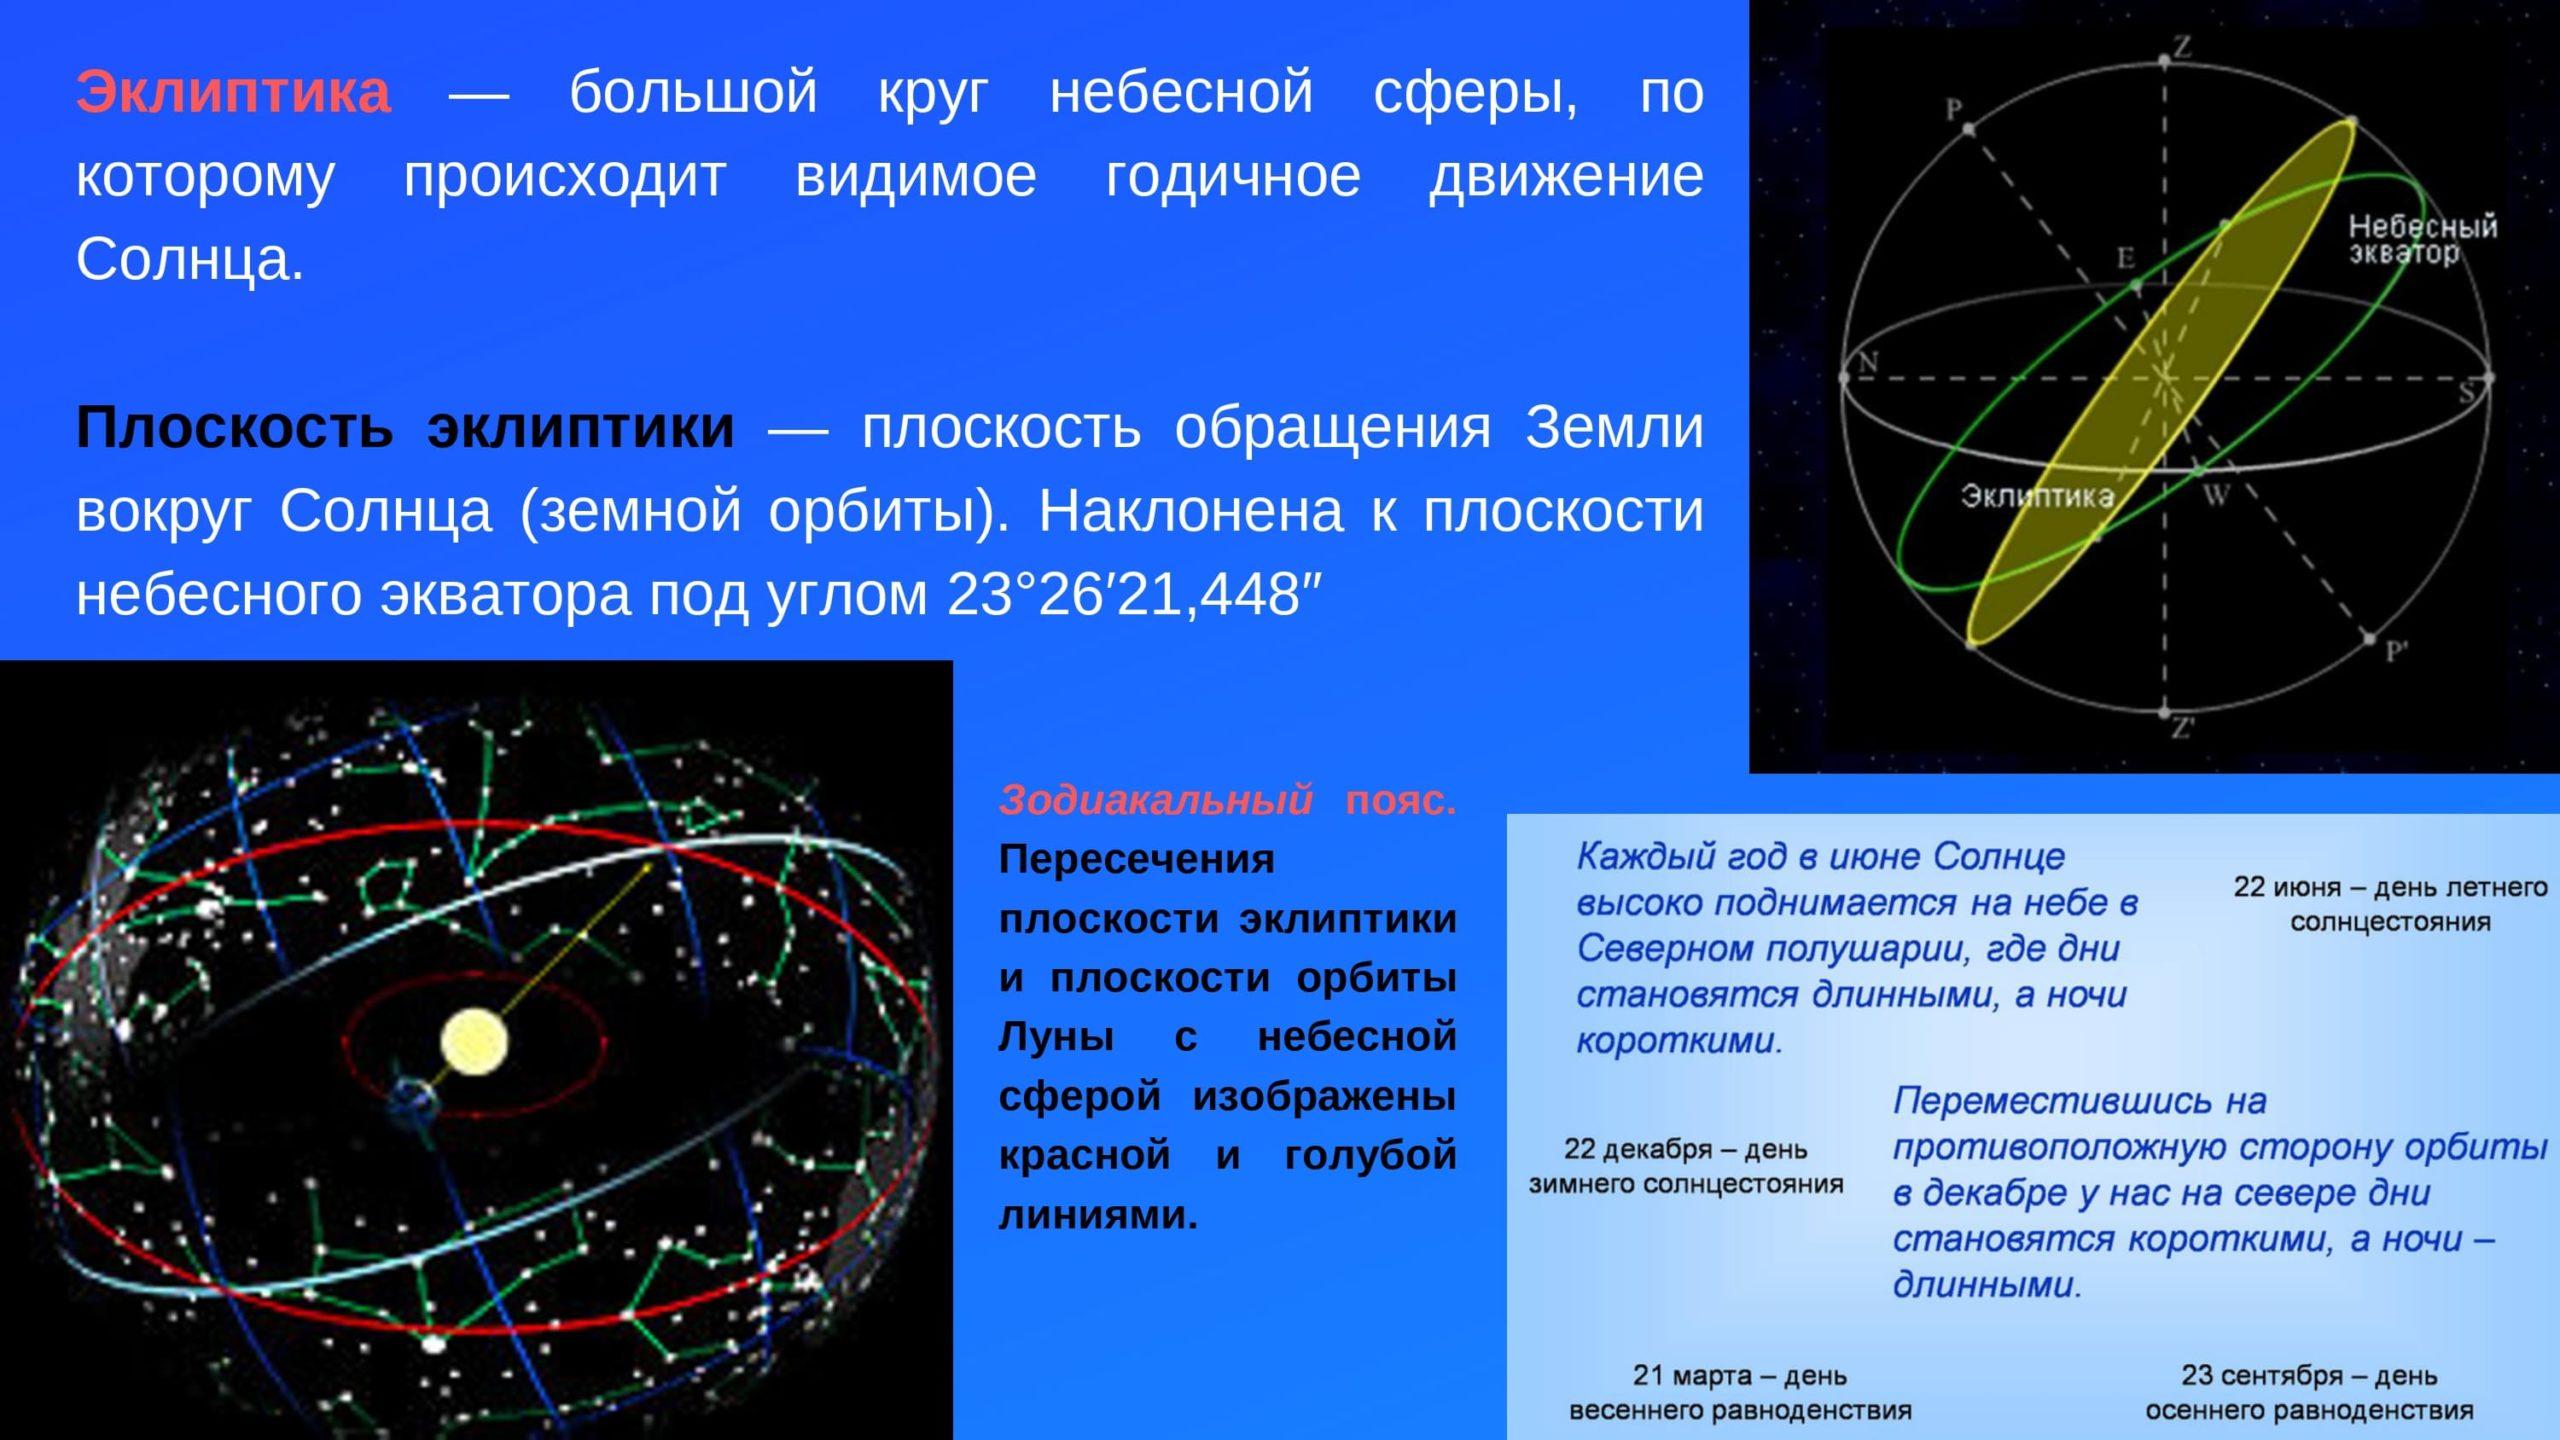 Эклиптика. Плоскость эклиптики. Зодиакальный пояс